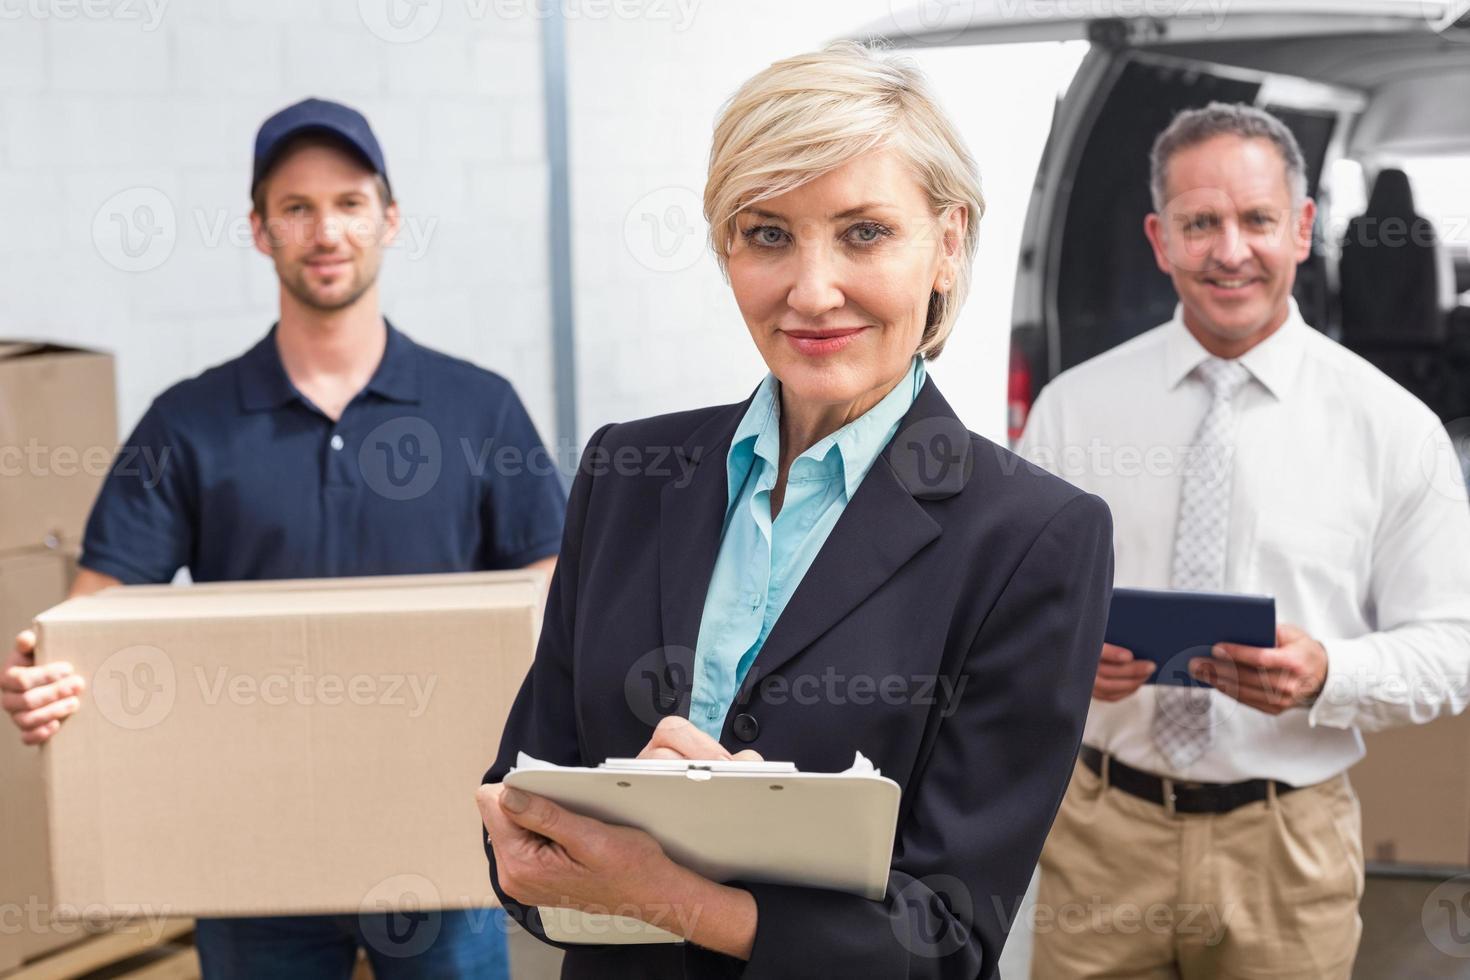 gestionnaire souriant tenant le presse-papiers devant ses collègues photo